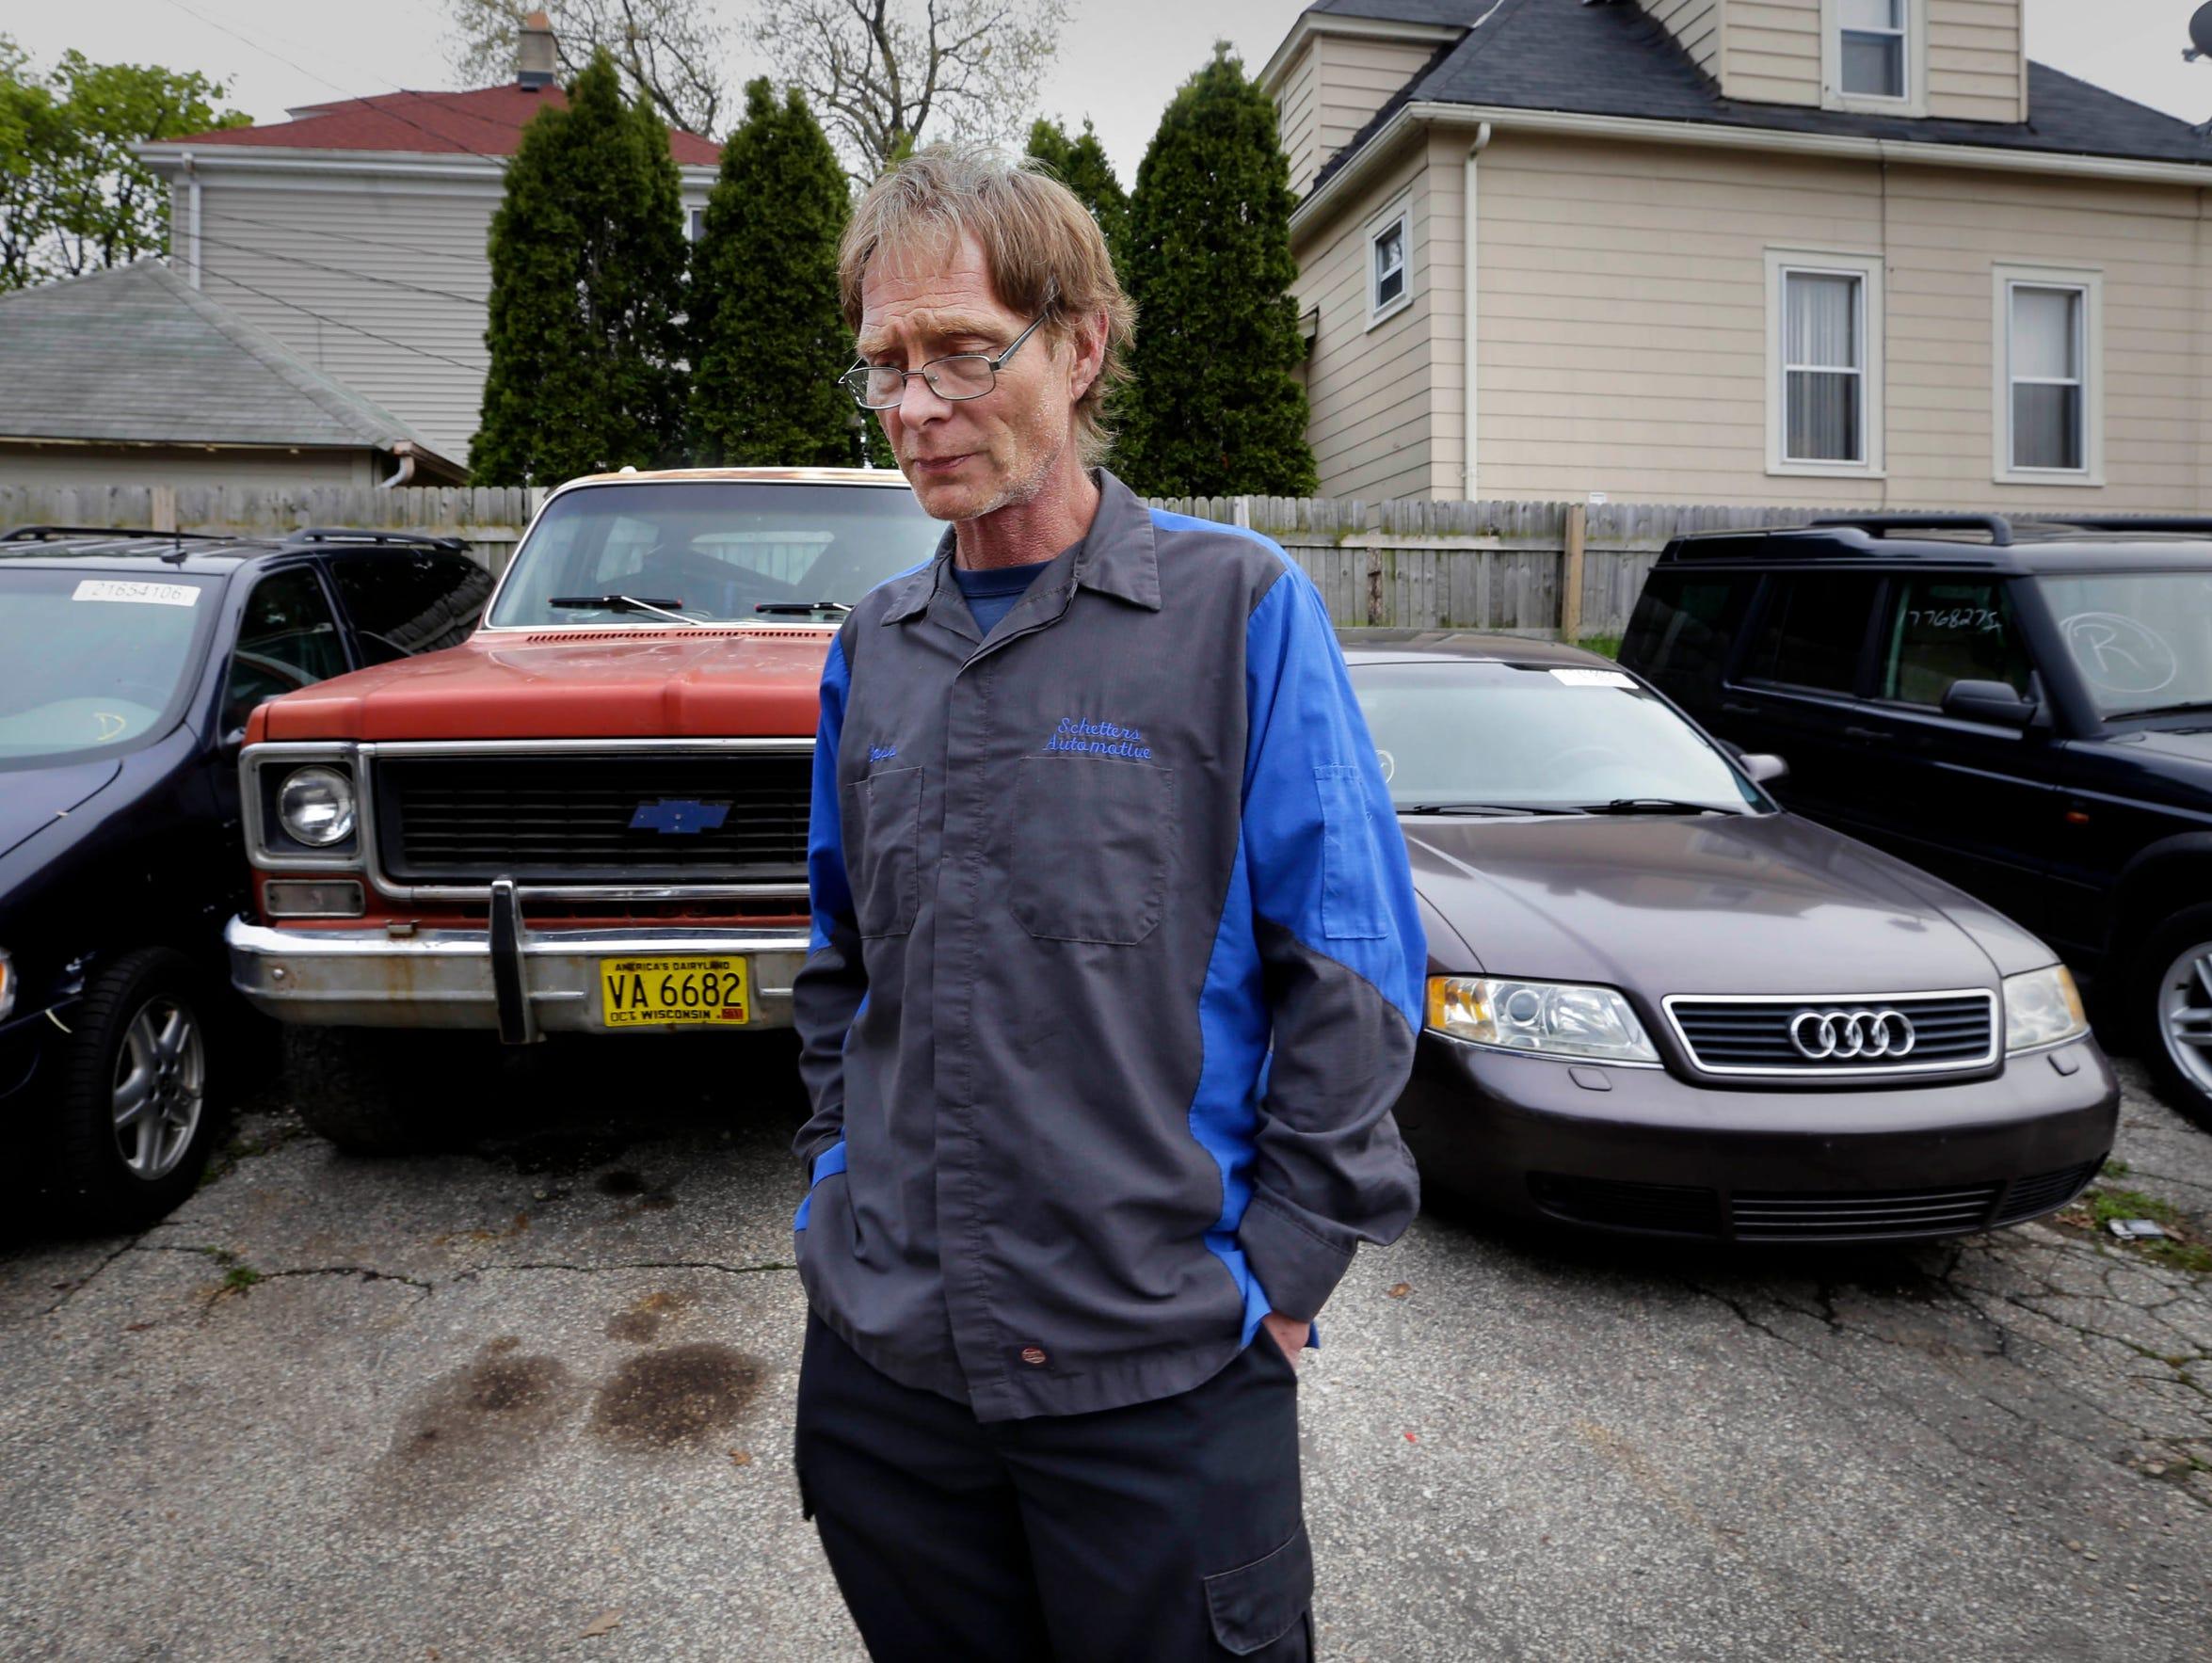 Ken Schetter, who owns an automotive repair shop in